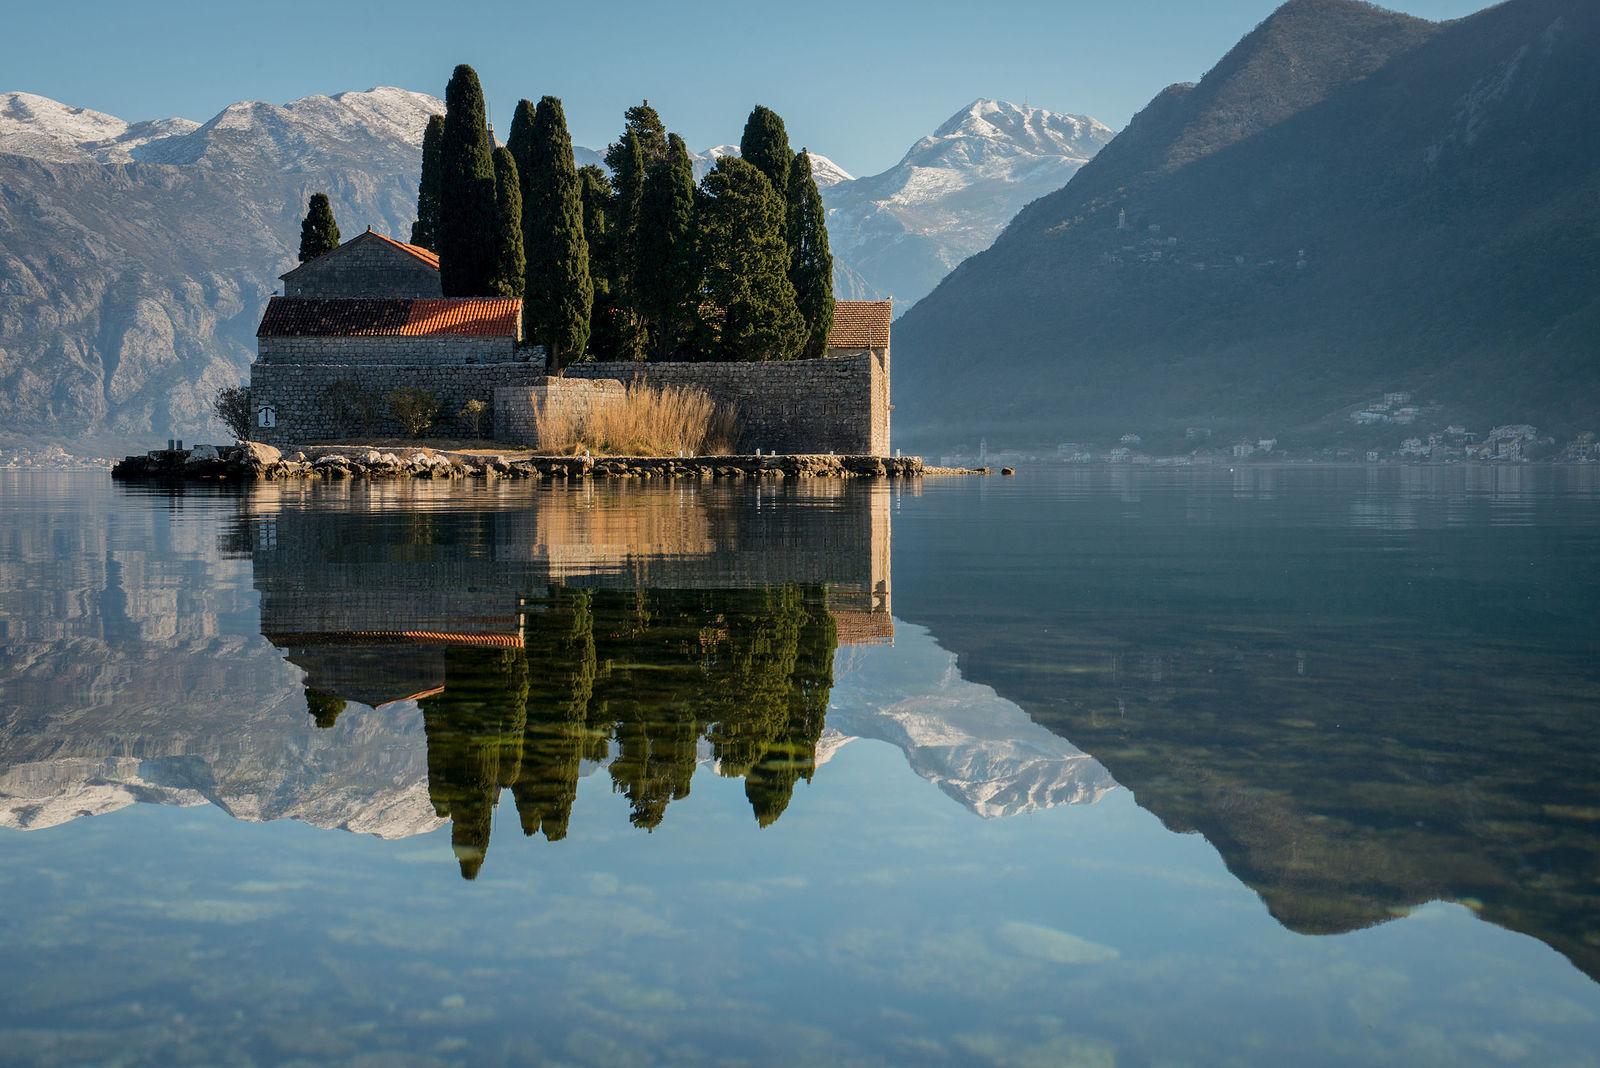 хорошо красивые виды черногории фото все же